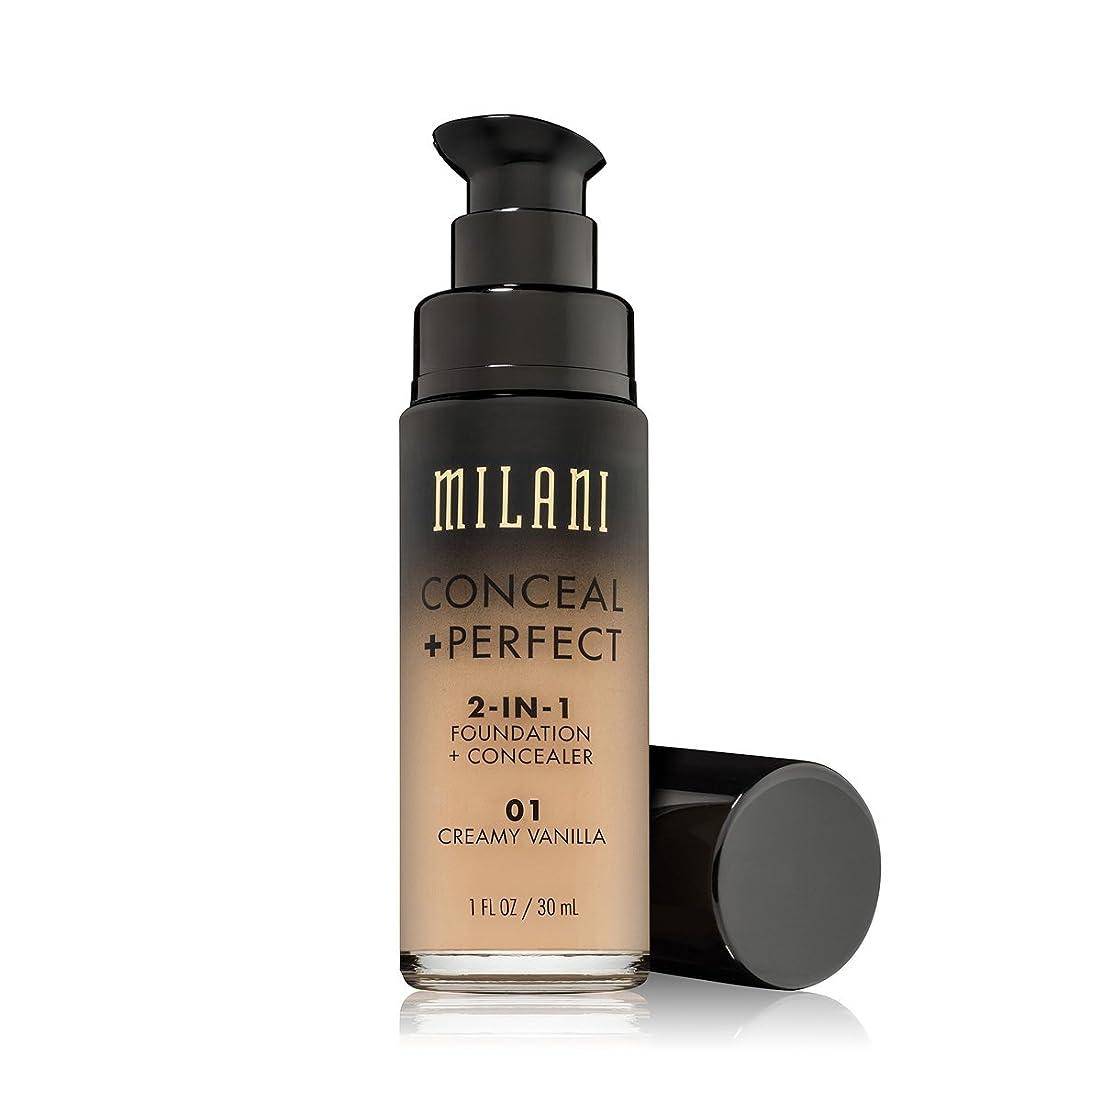 導入する手首通貨MILANI Conceal + Perfect 2-In-1 Foundation + Concealer - Creamy Vanilla (並行輸入品)